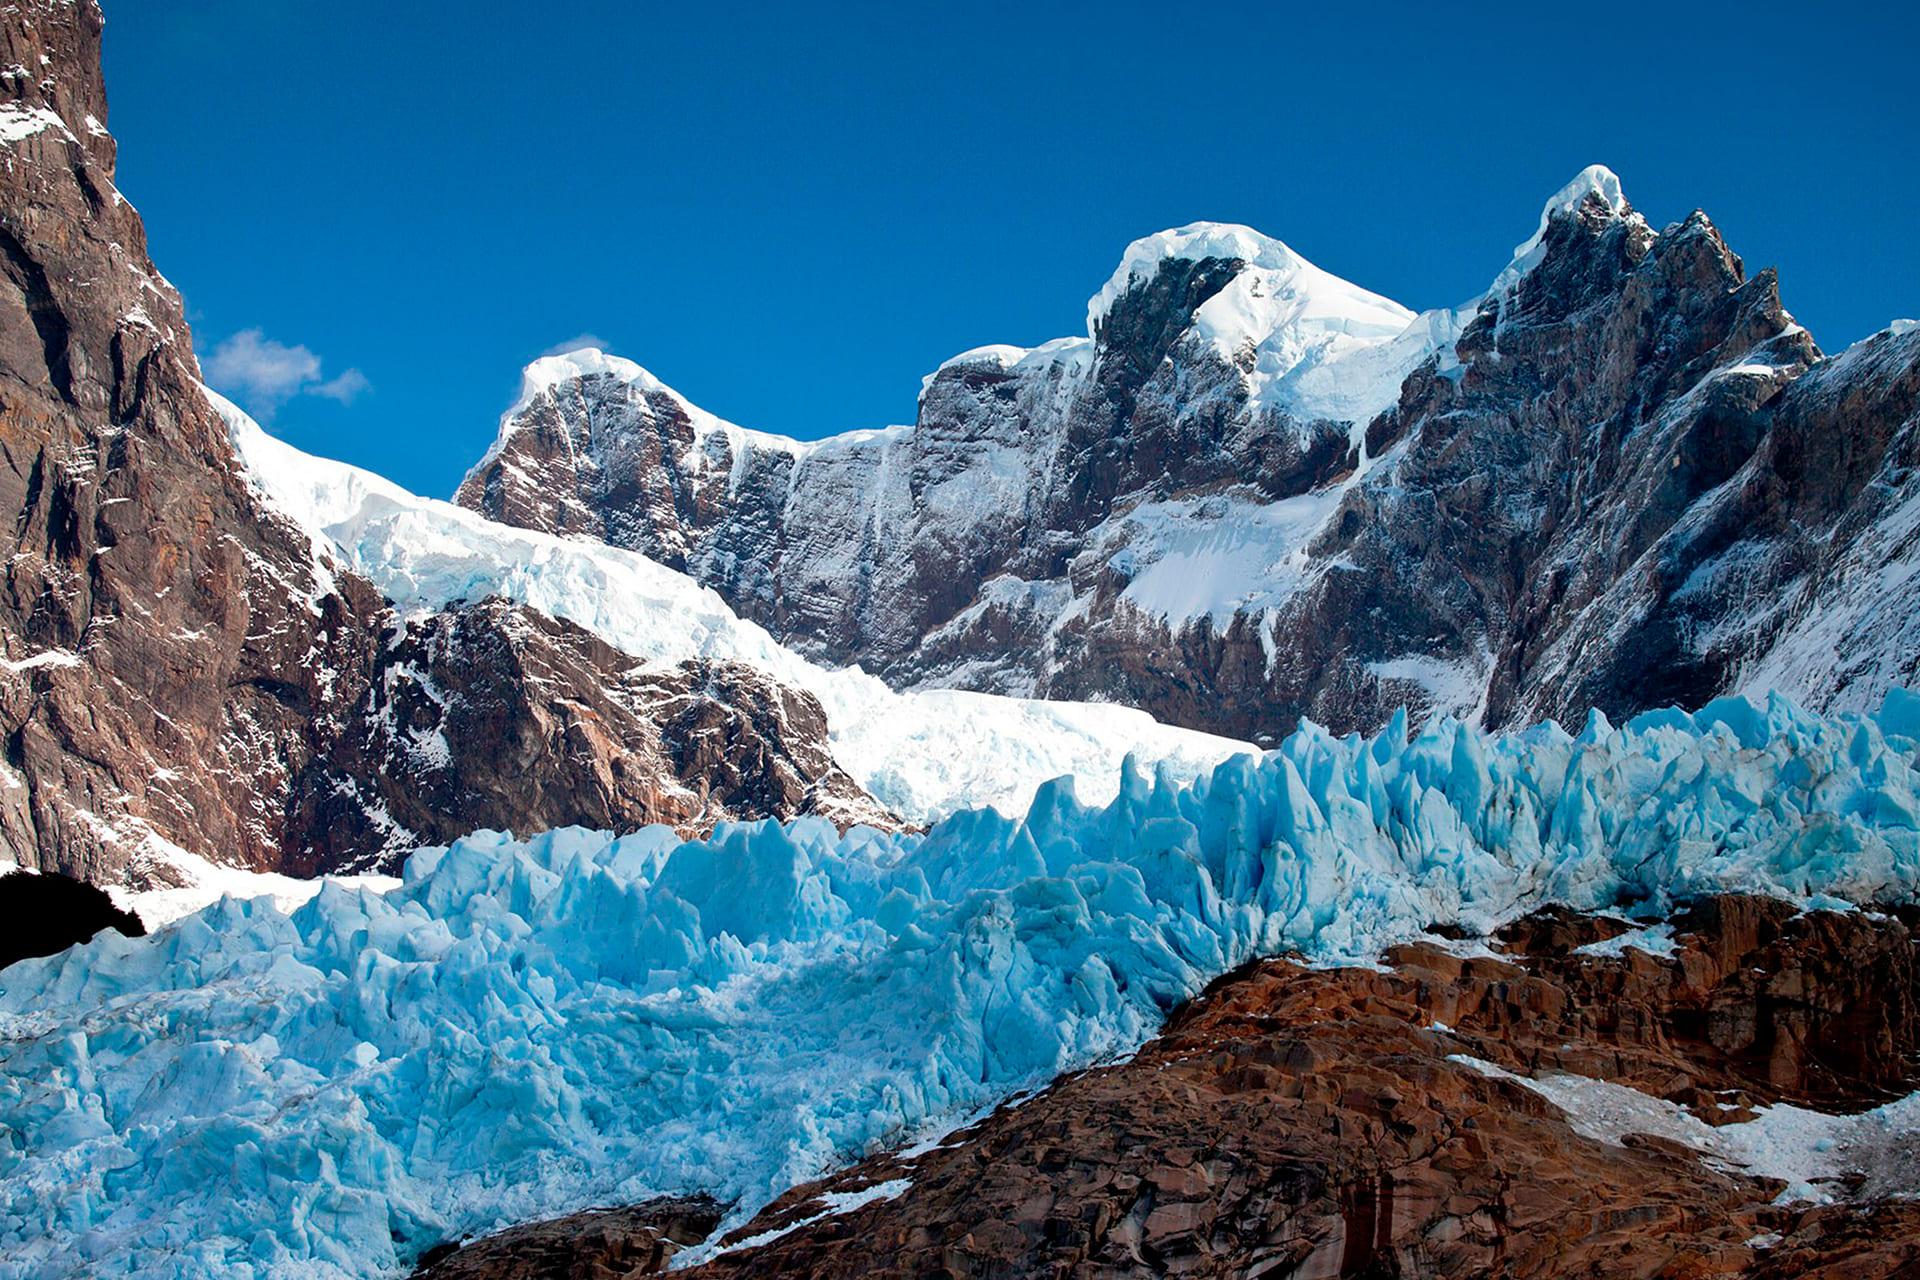 Foto: Retroceso del glaciar Grey, Parque Nacional Torres del Paine. Crédito Michael Matti.